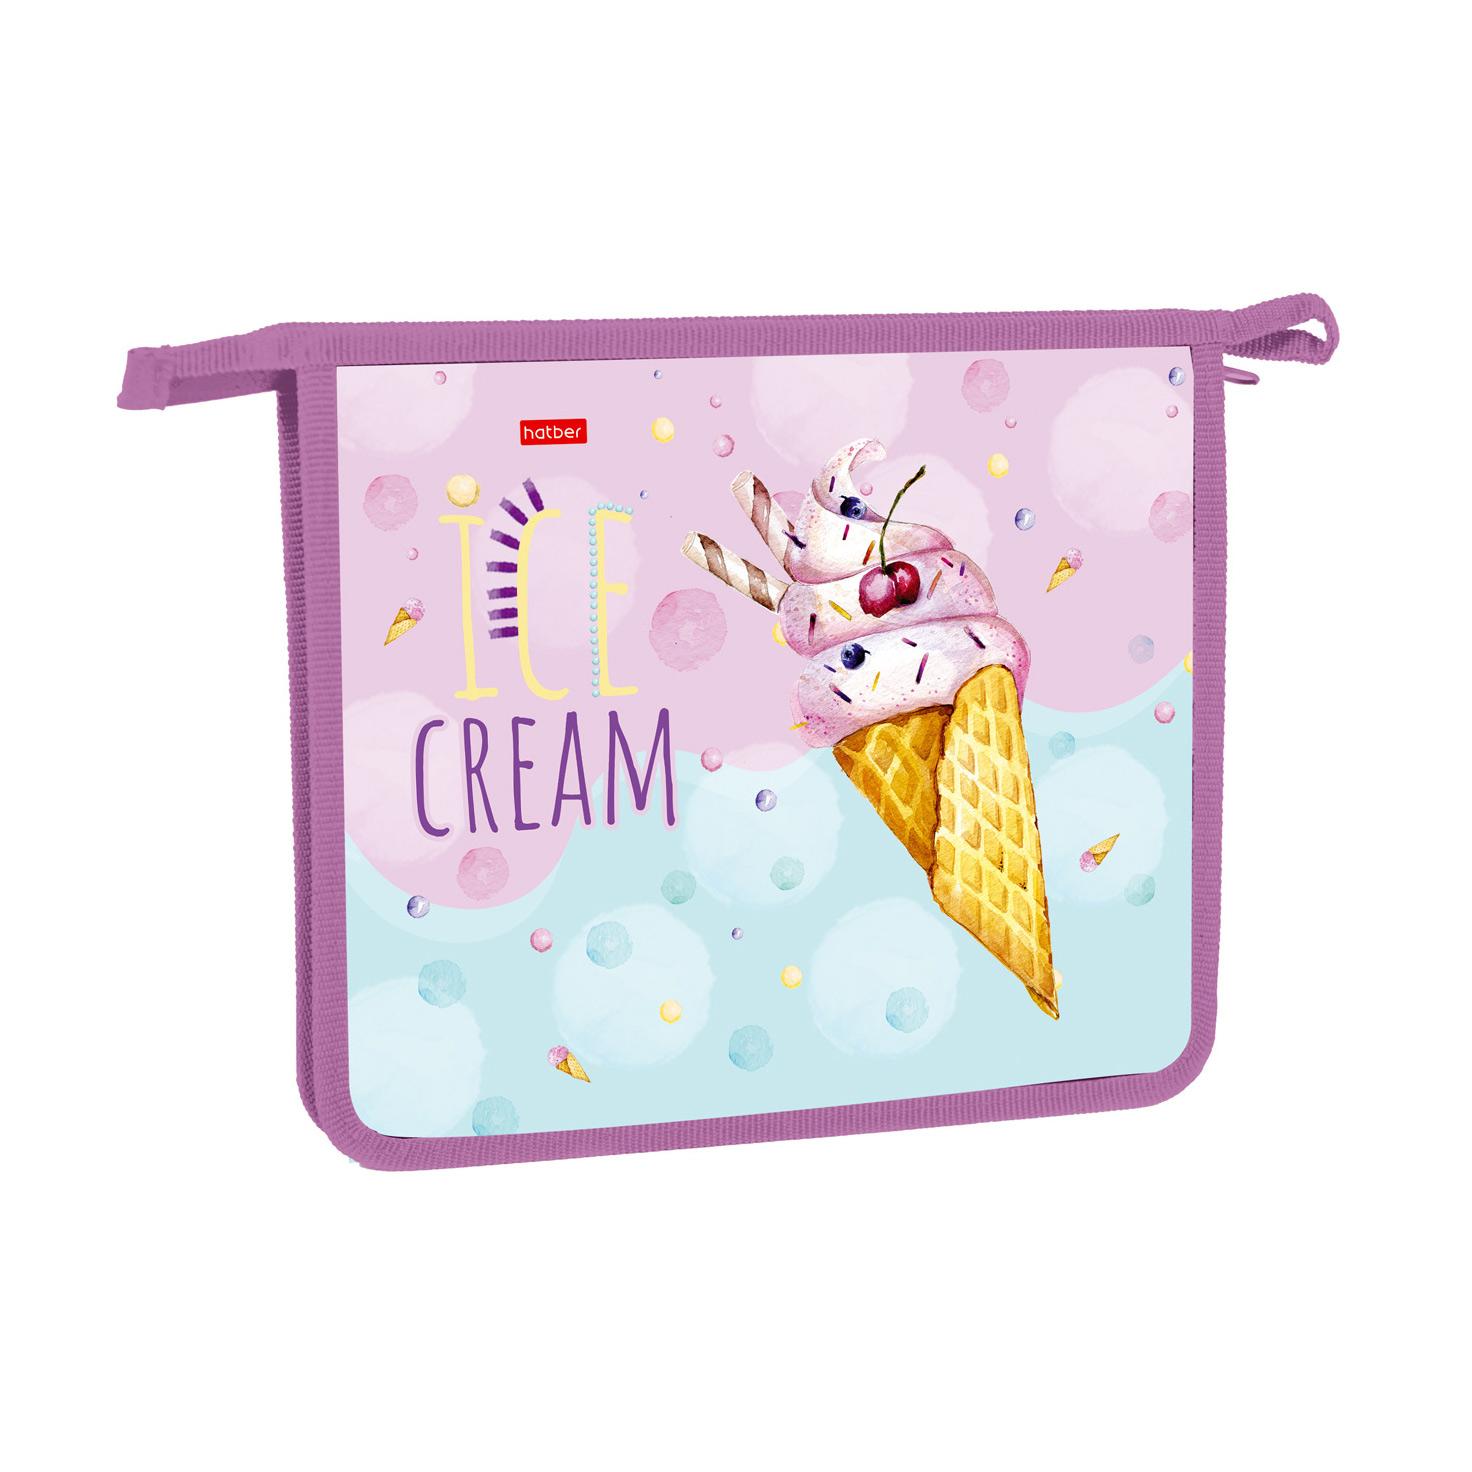 Папка для тетрадей А5 Hatber Ice cream 1 отделение на молнии фото